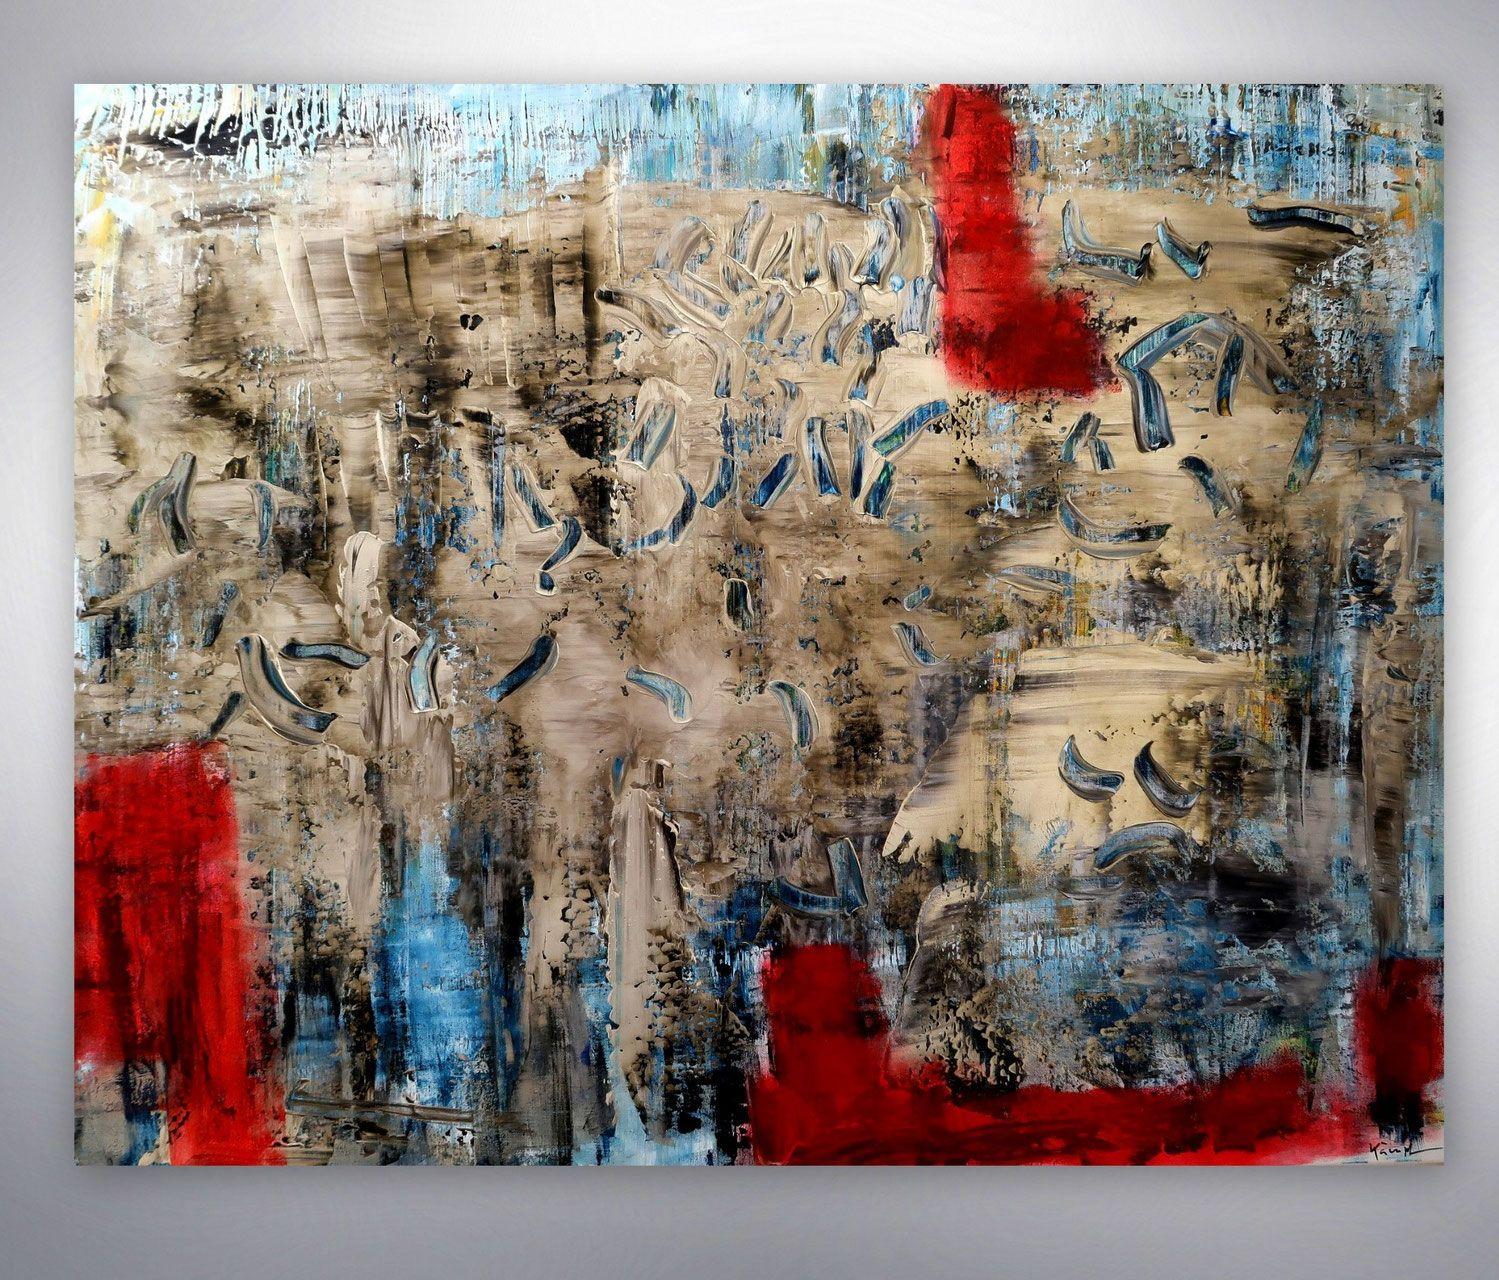 moderne malerei abstrakte bilder modern zeitgenossische originale gemalde unika abstrakt acrylbilder bild acryl kunst